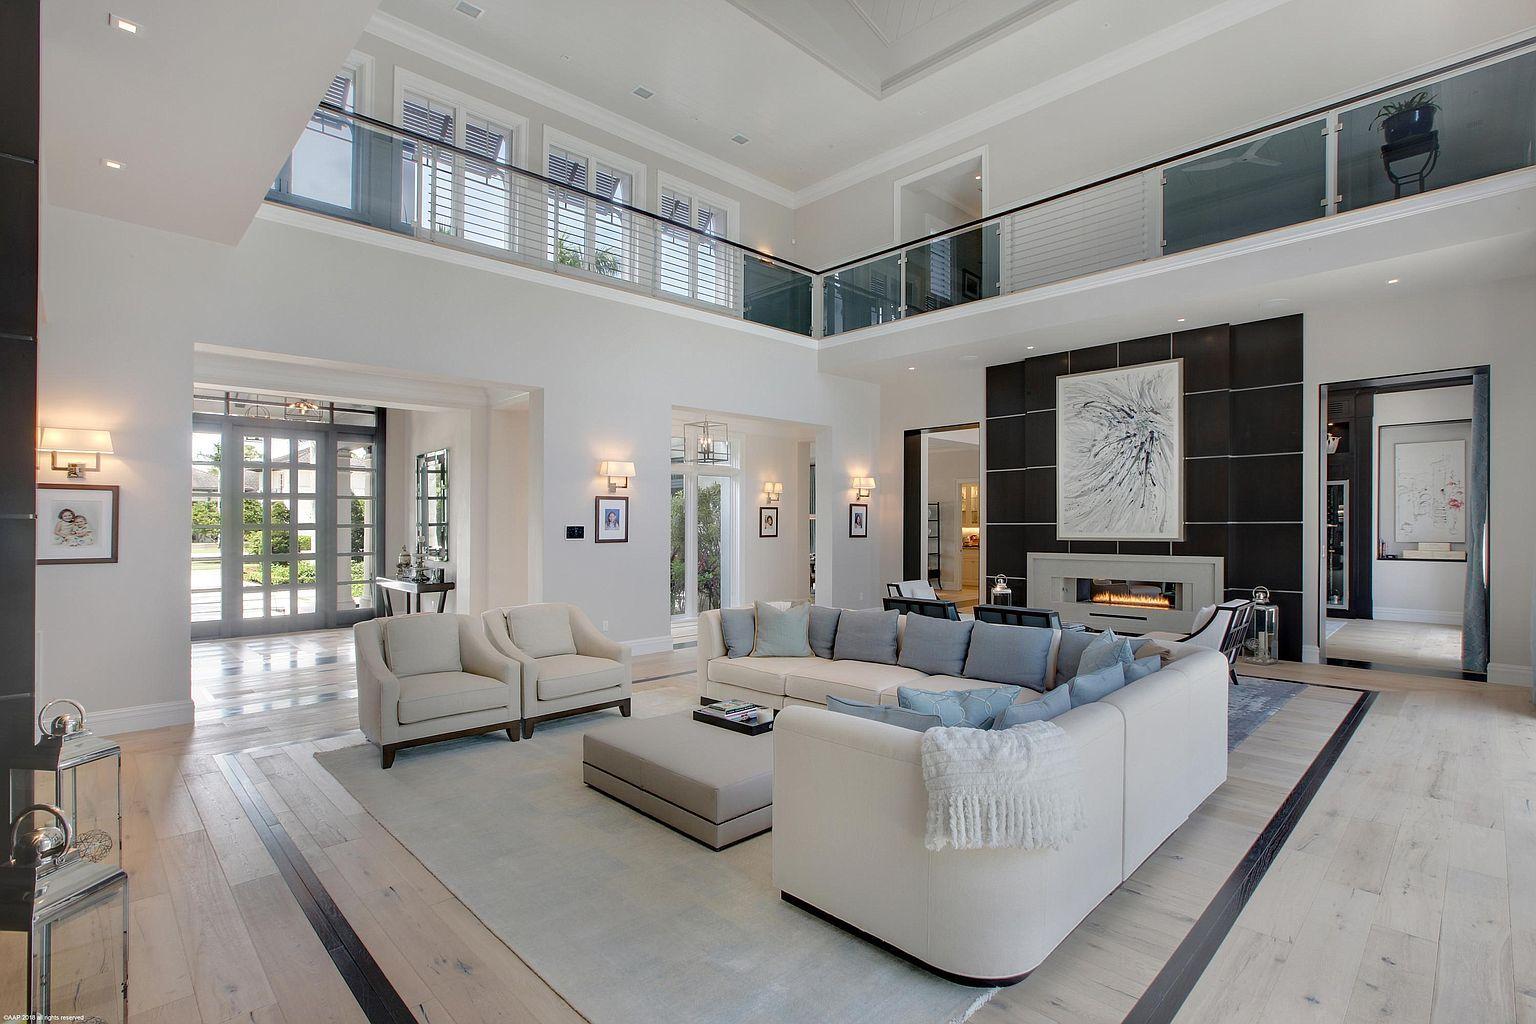 beda2a1ee638ba5c0f4be3277c4833ef - Rooms For Rent Palm Beach Gardens Fl